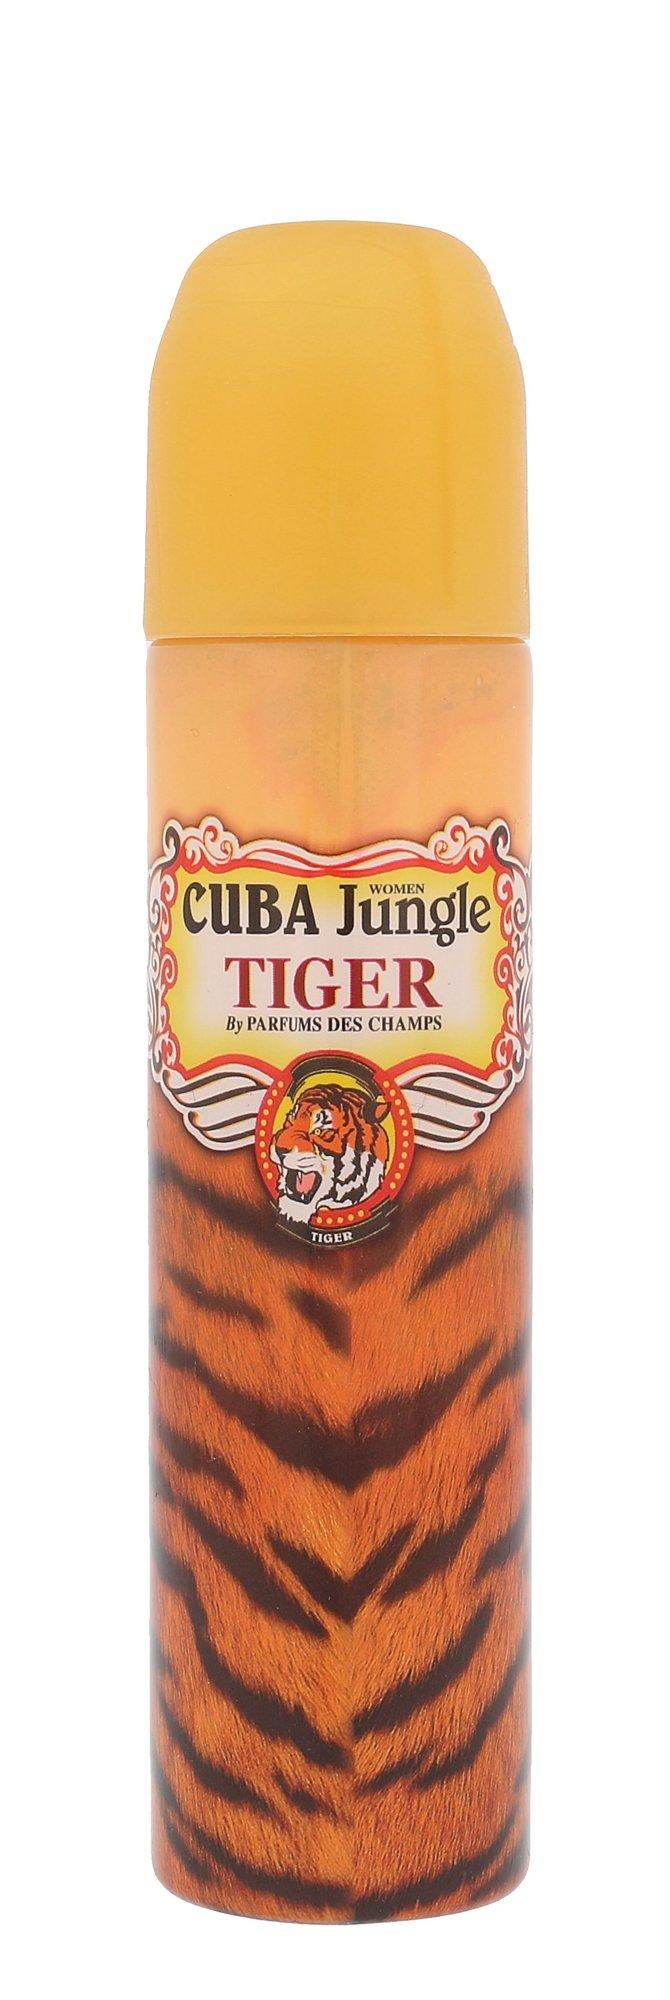 Cuba Tiger Eau de Parfum 100ml